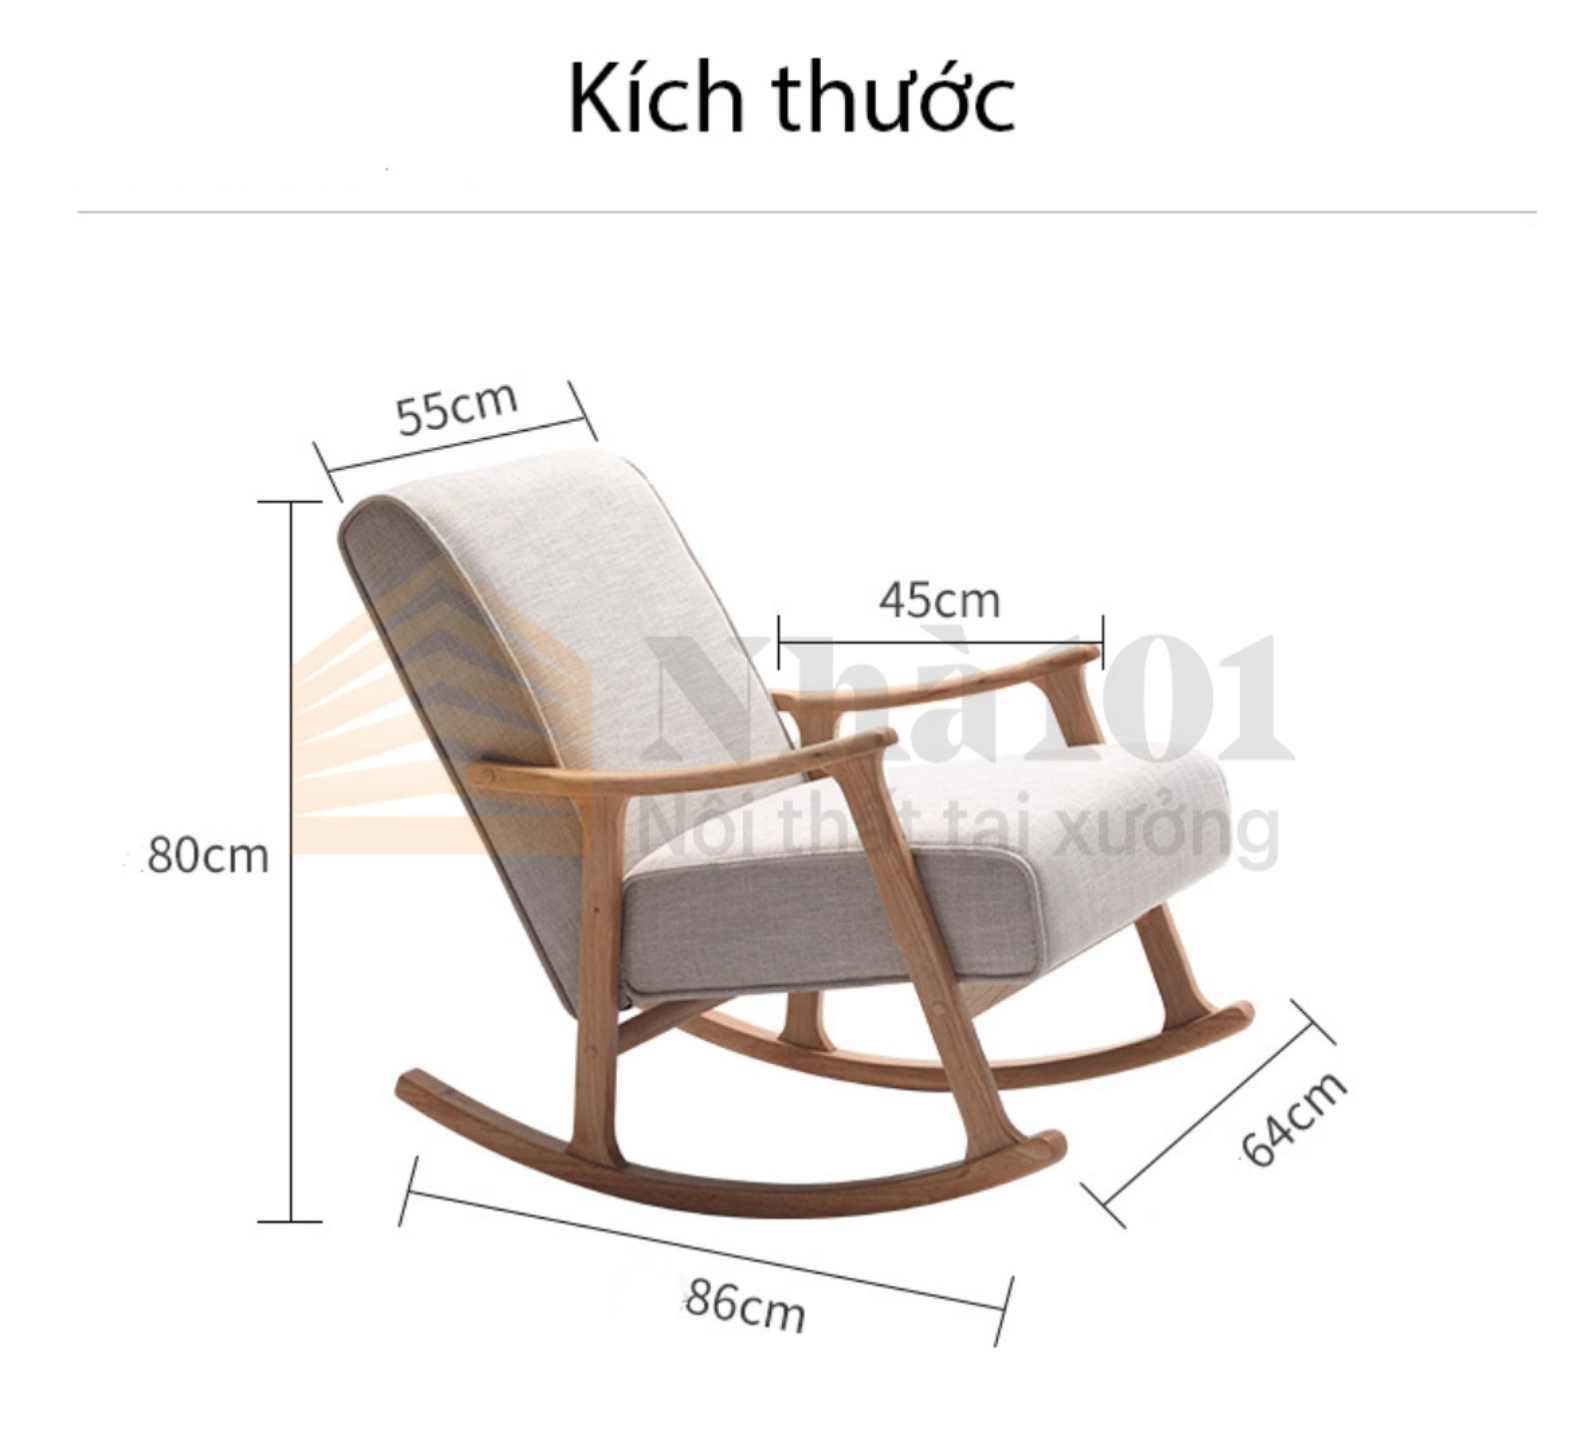 Ghế Bập Bênh T1, ghế bập bênh, ghế bập bênh tiện nghi 2